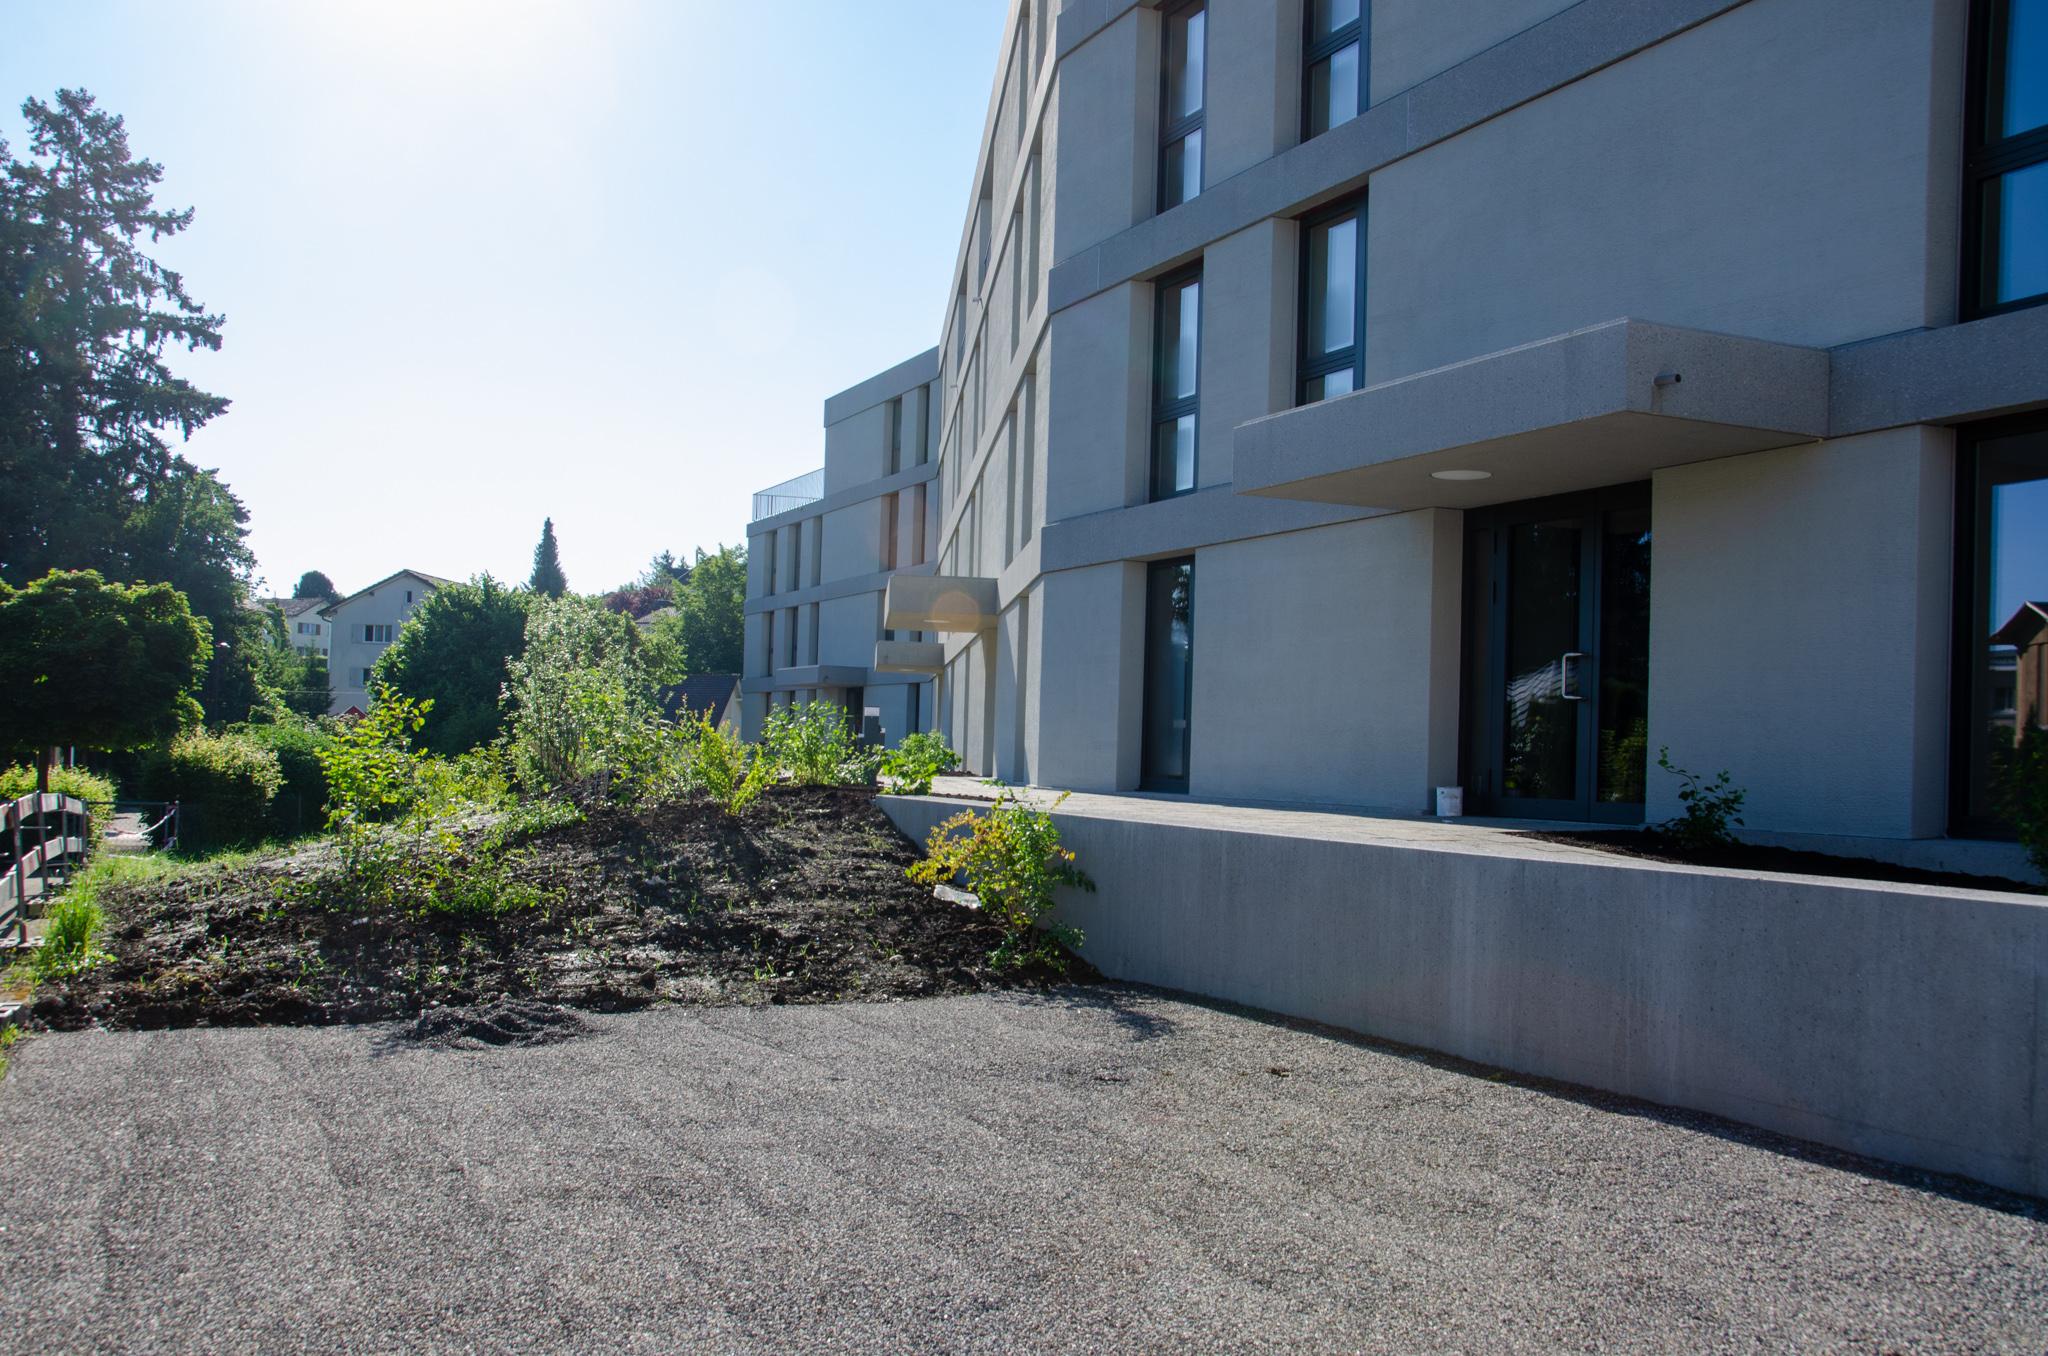 Auch die Nordseite ist mit dem Fuss- und Radweg zu den vier Eingängen hin ersichtlich, die Gestaltung  mit verschiedenen Pflanzen verschönert und der geforderten Platz für die Feuerwehr erstellt.